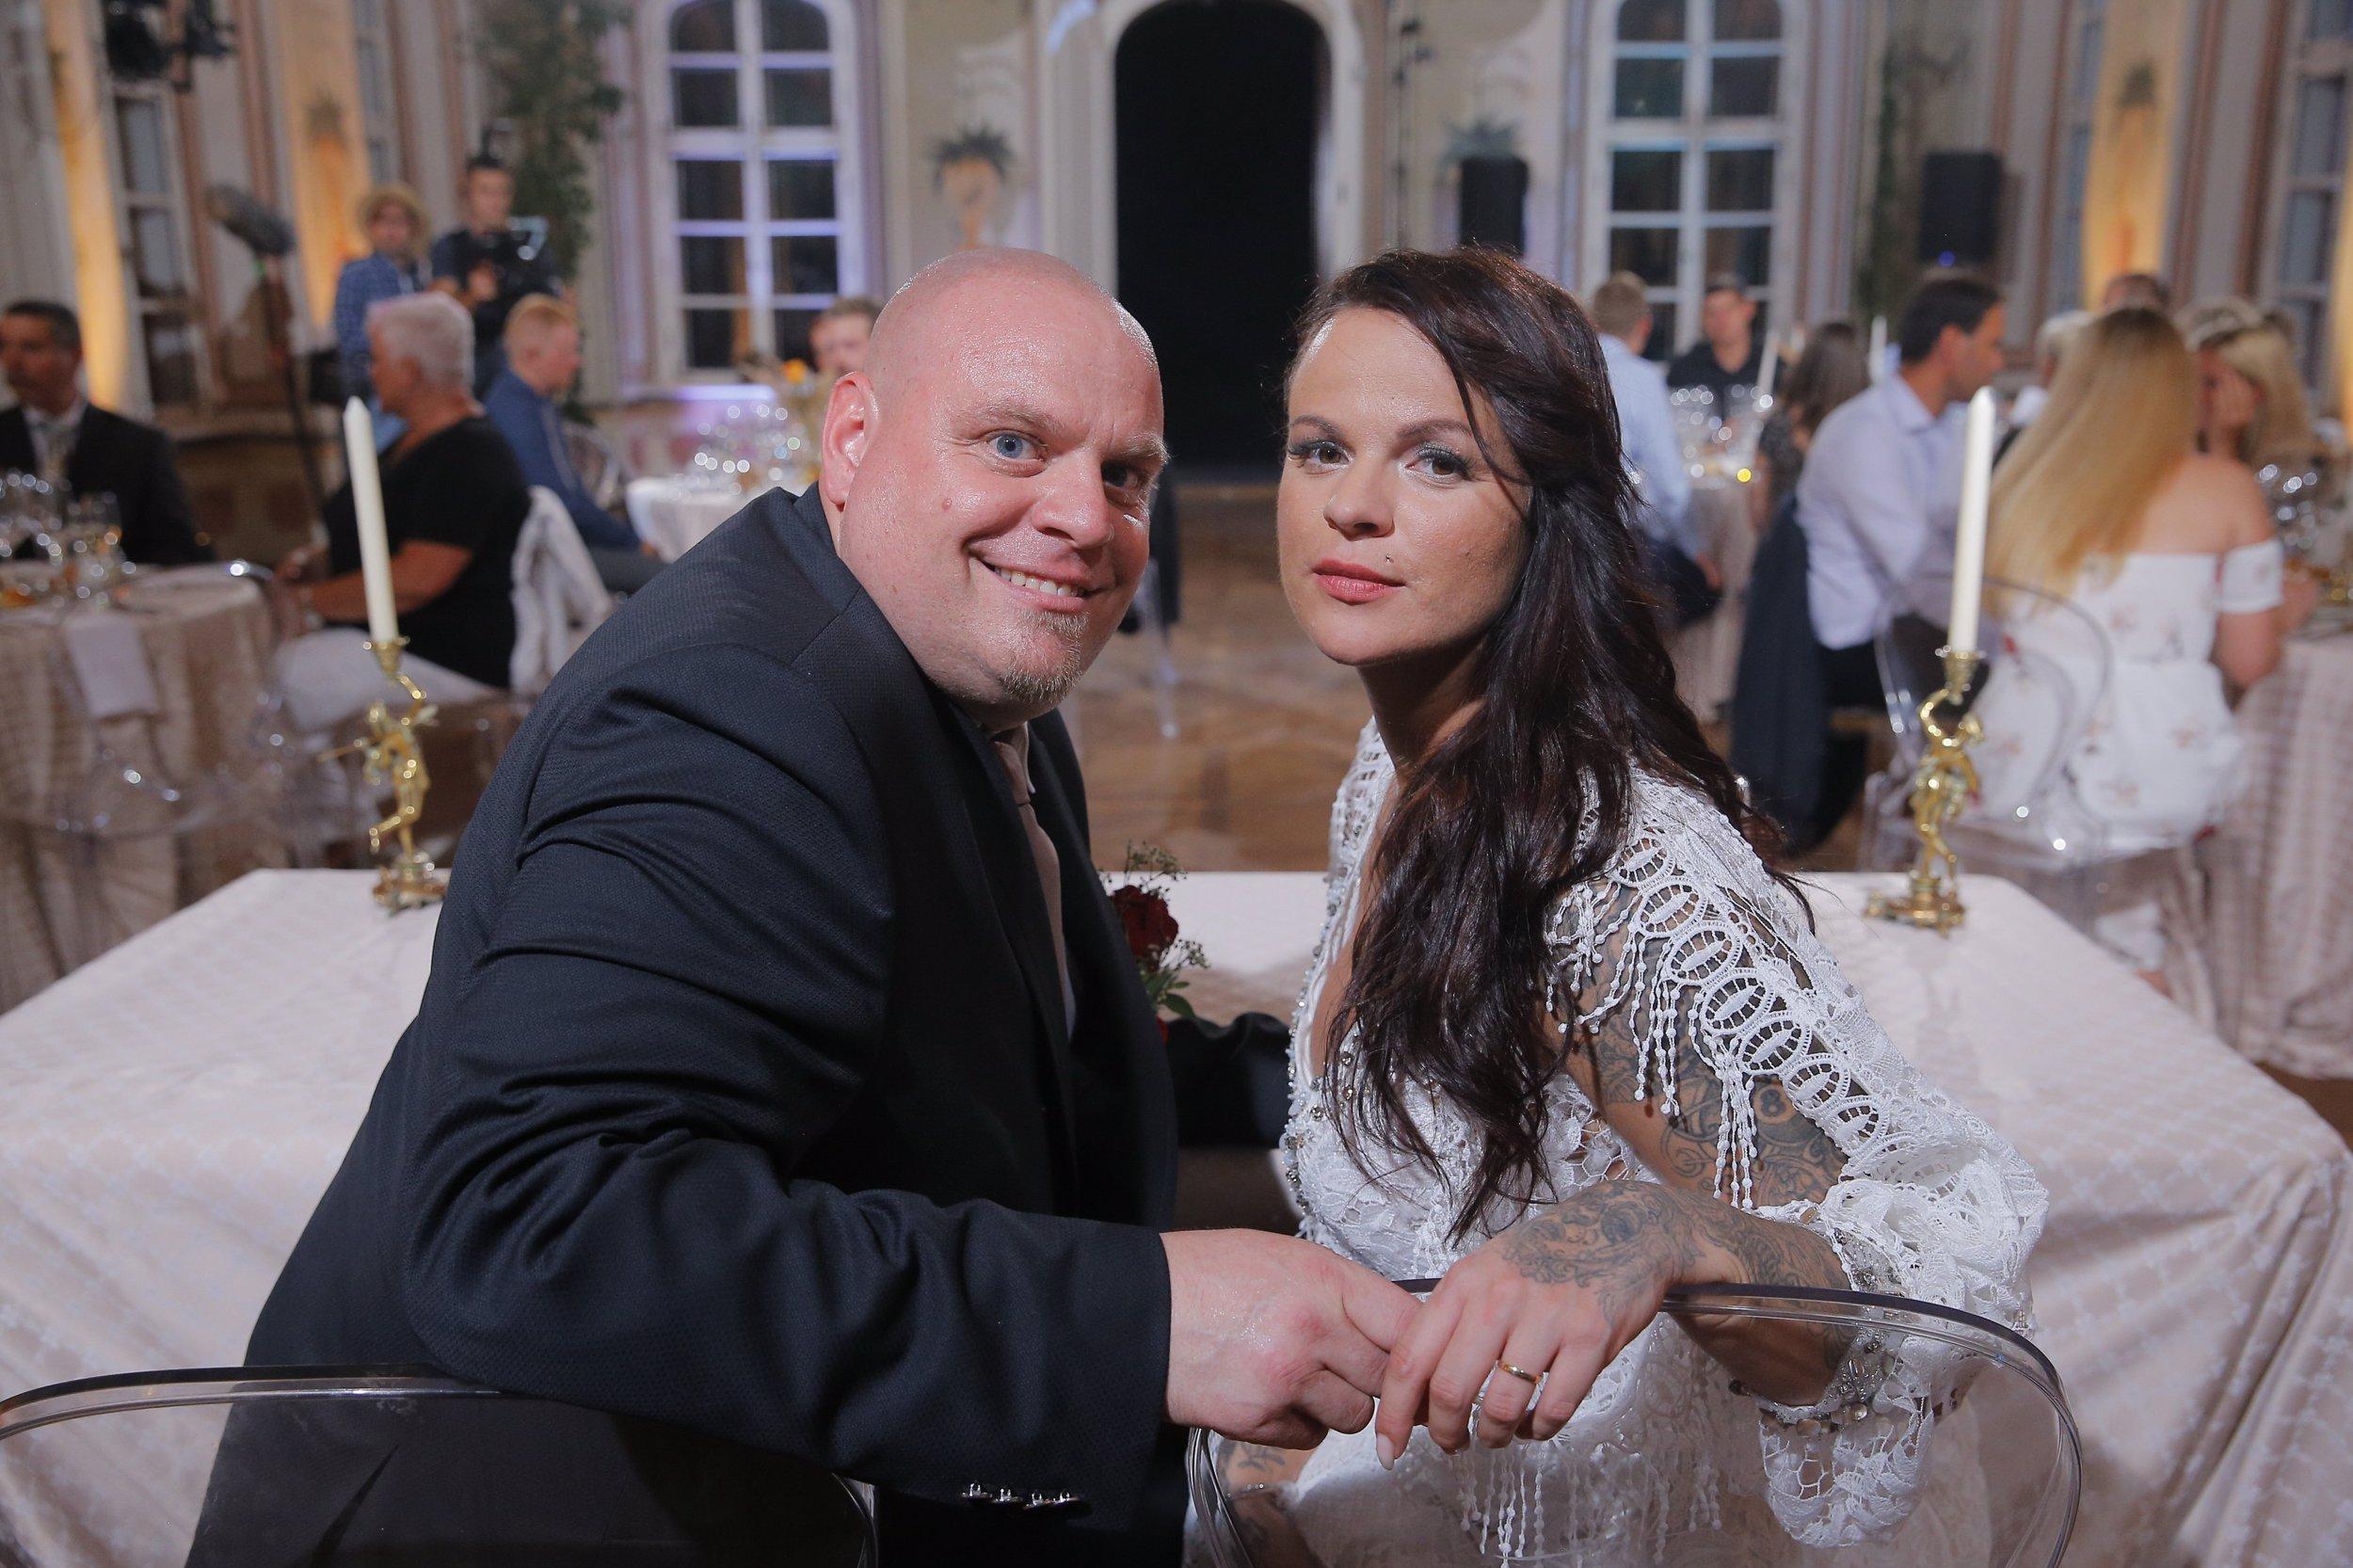 Pavel o show Svatba na první pohled: Dlouho jsem byl sám, Soudkyni Barbaru mi nabídl kamarád